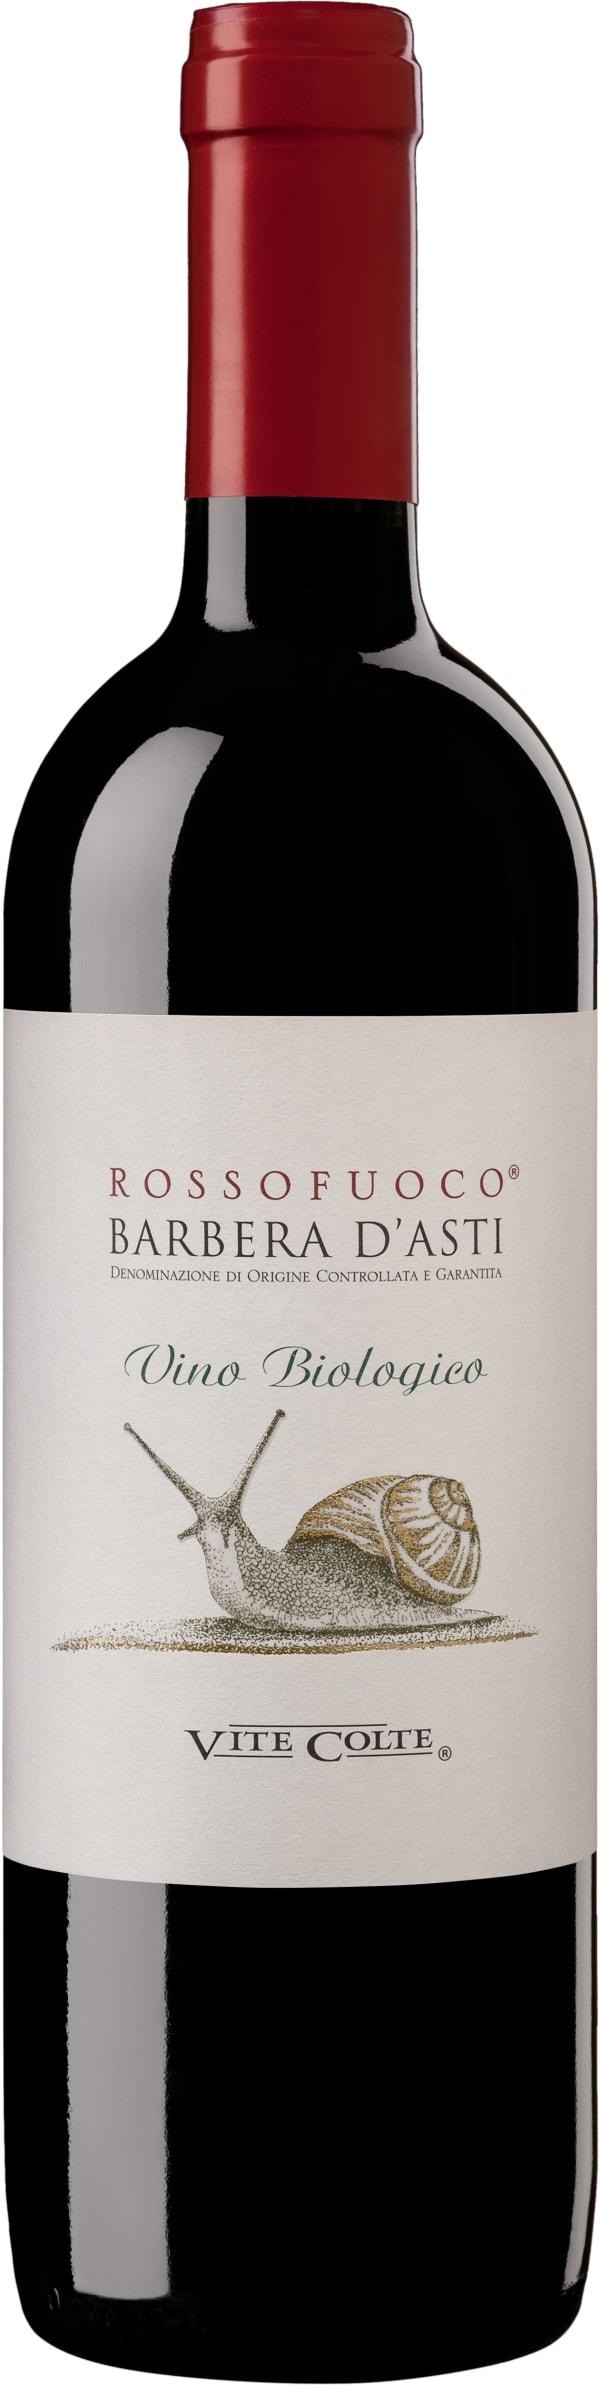 Rossofuoco Barbera d´Asti Biologico 2016